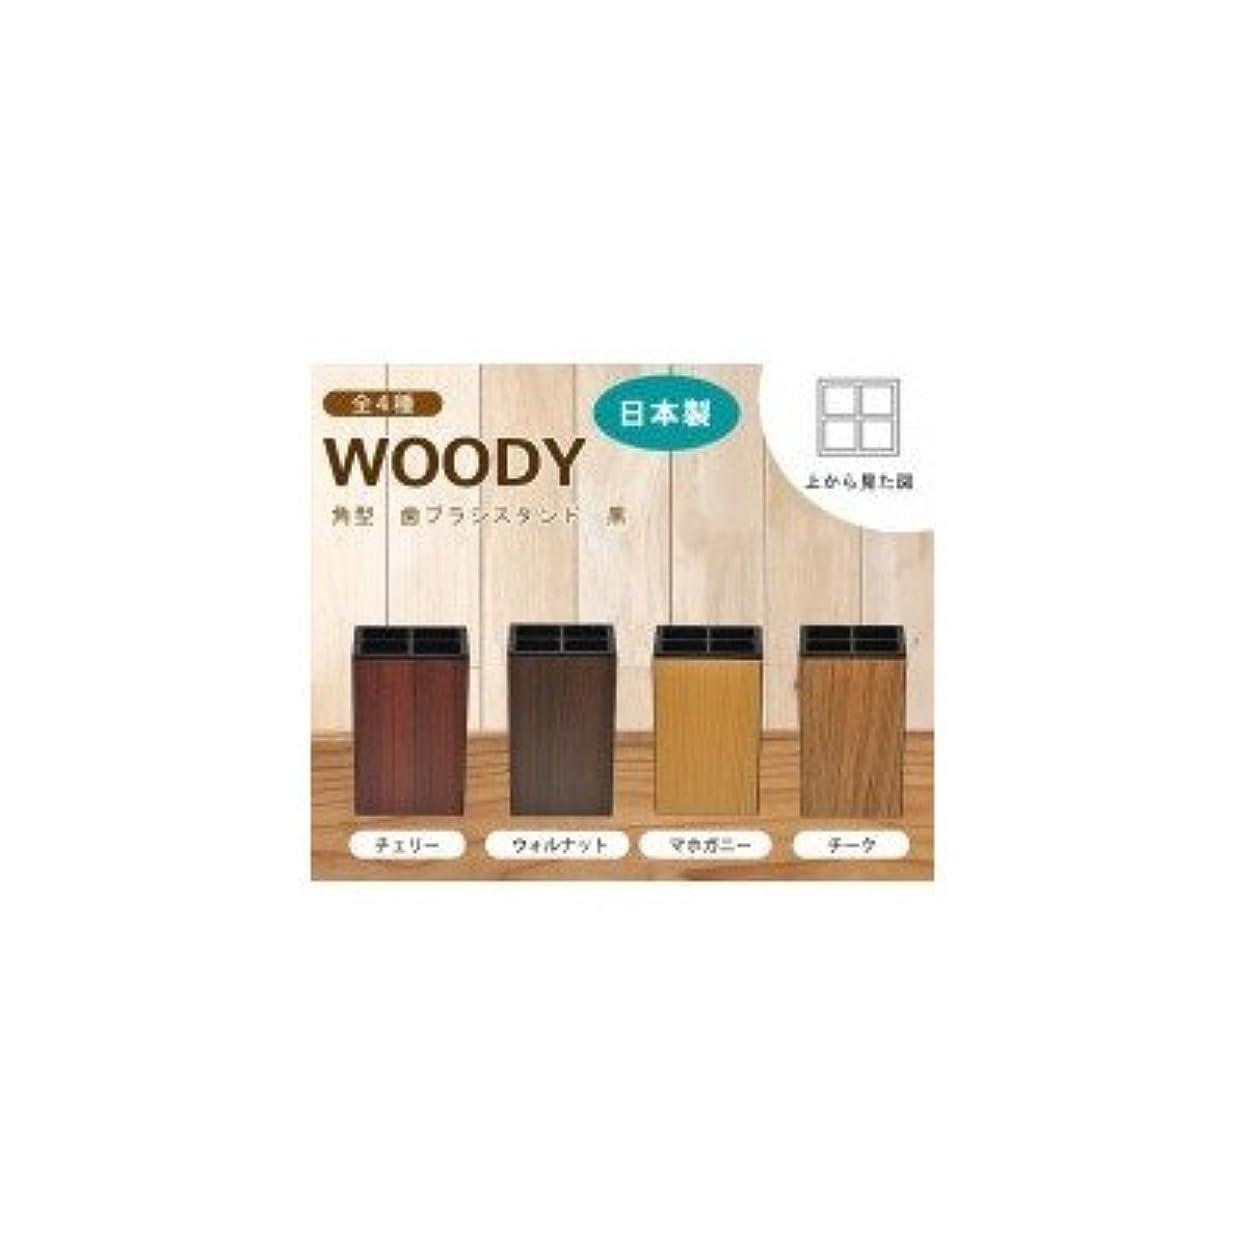 嫌がる圧縮する耐えられる日本製 WOODY ウッディ 角型 歯ブラシスタンド 黒 ウォルナット?13-450345( 画像はイメージ画像です お届けの商品はウォルナット?13-450345のみとなります)